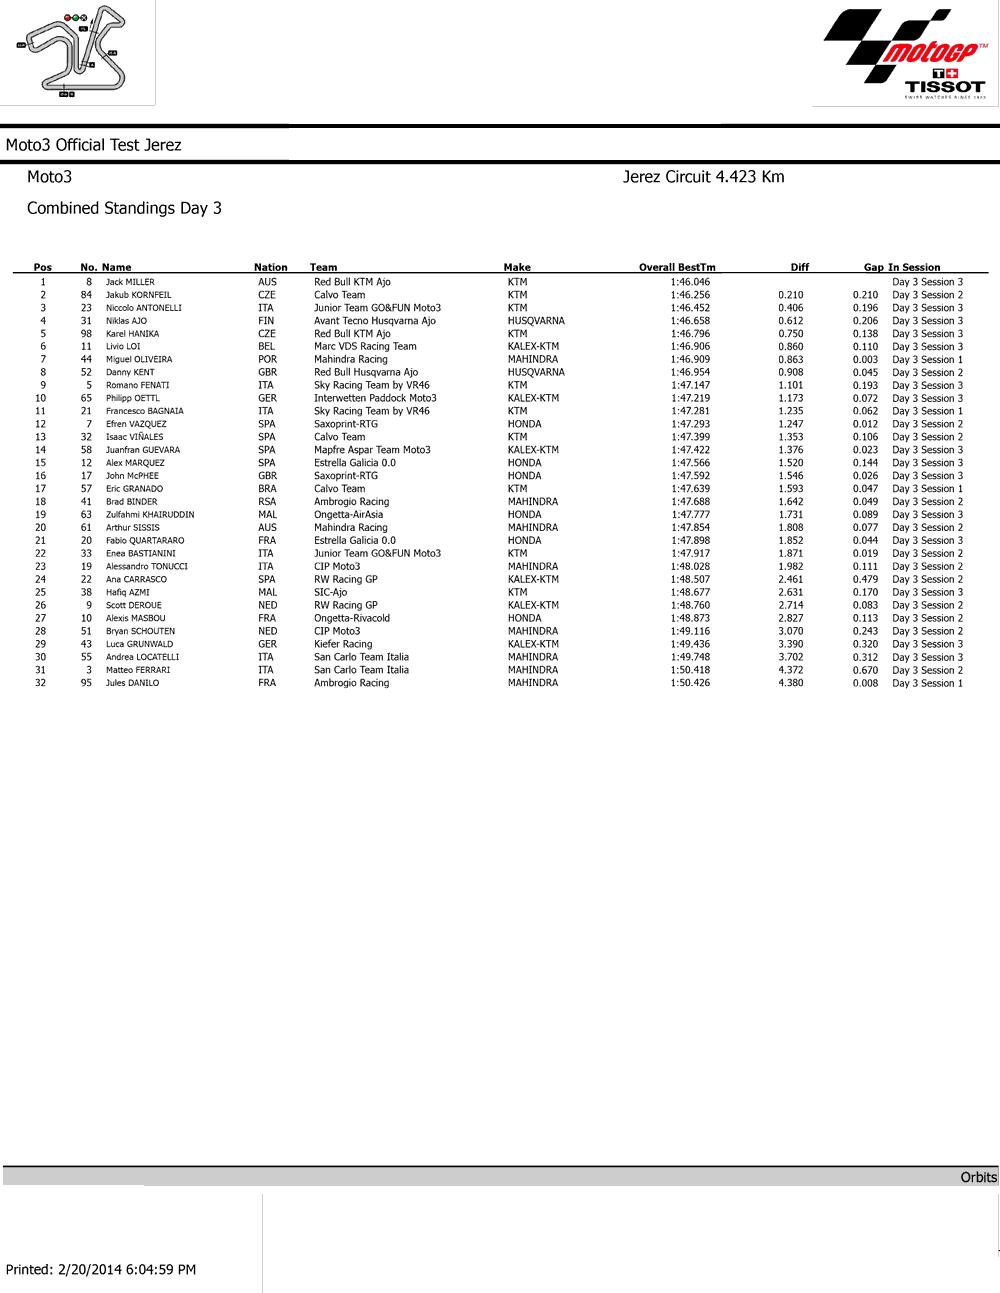 Результаты третьего заключительного дня официальных тестов Moto3 2014 в Хересе